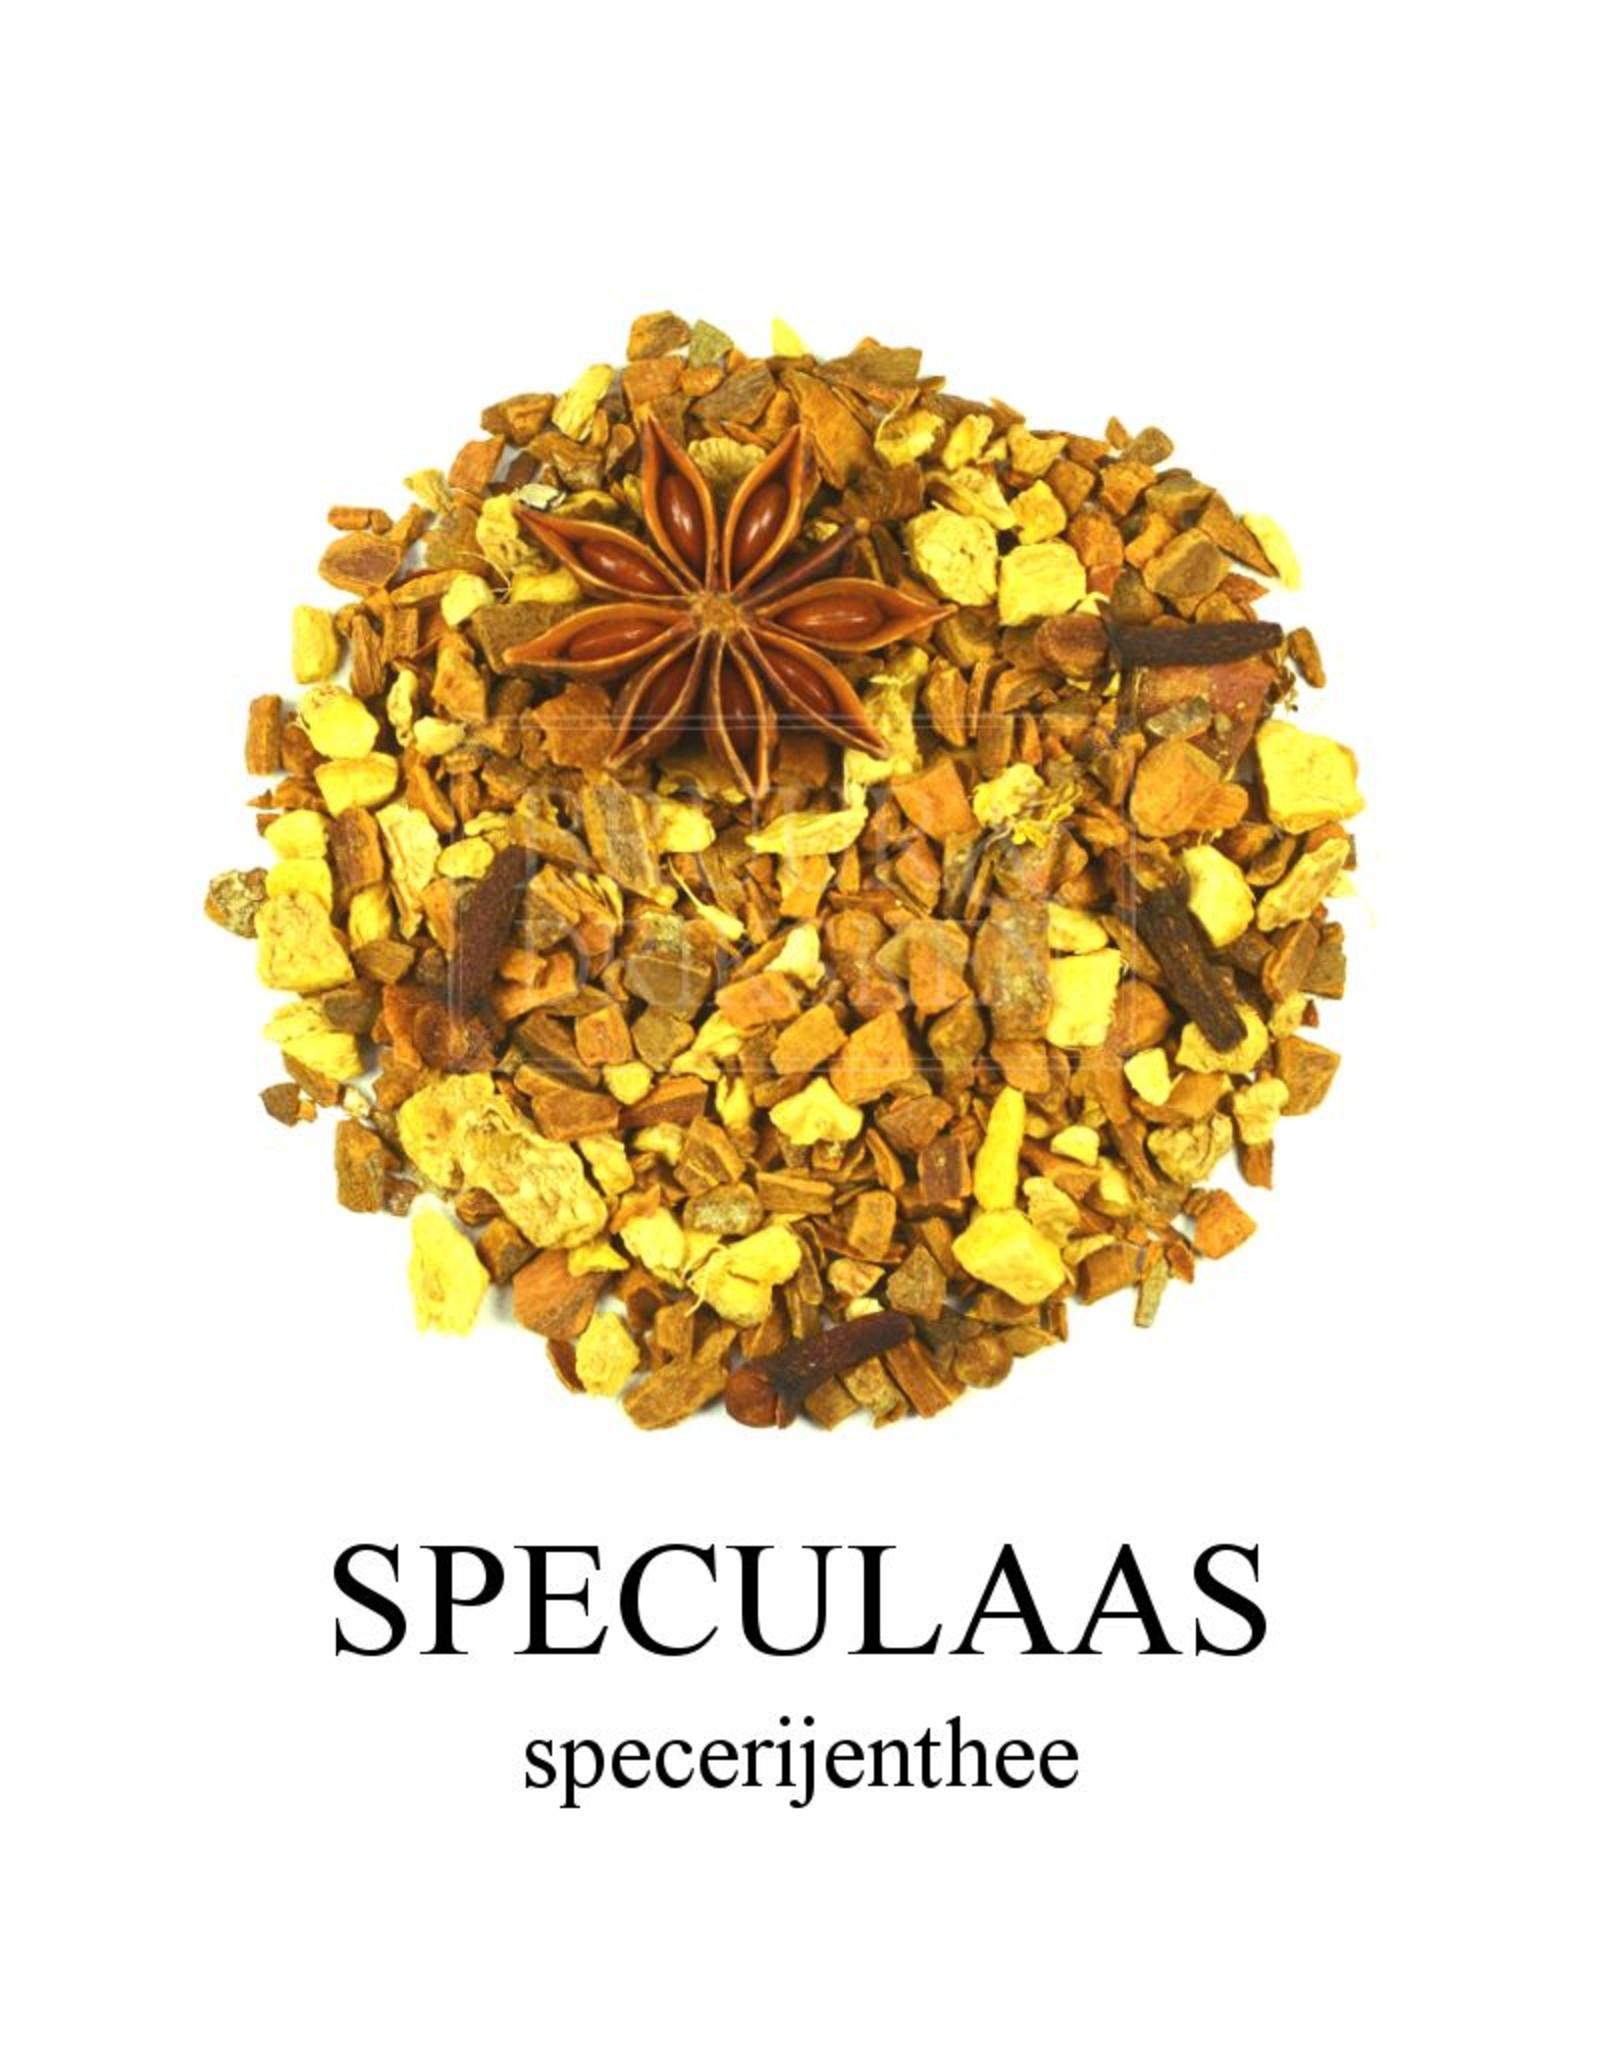 Bruur speculaasthee op basis van pure specerijen